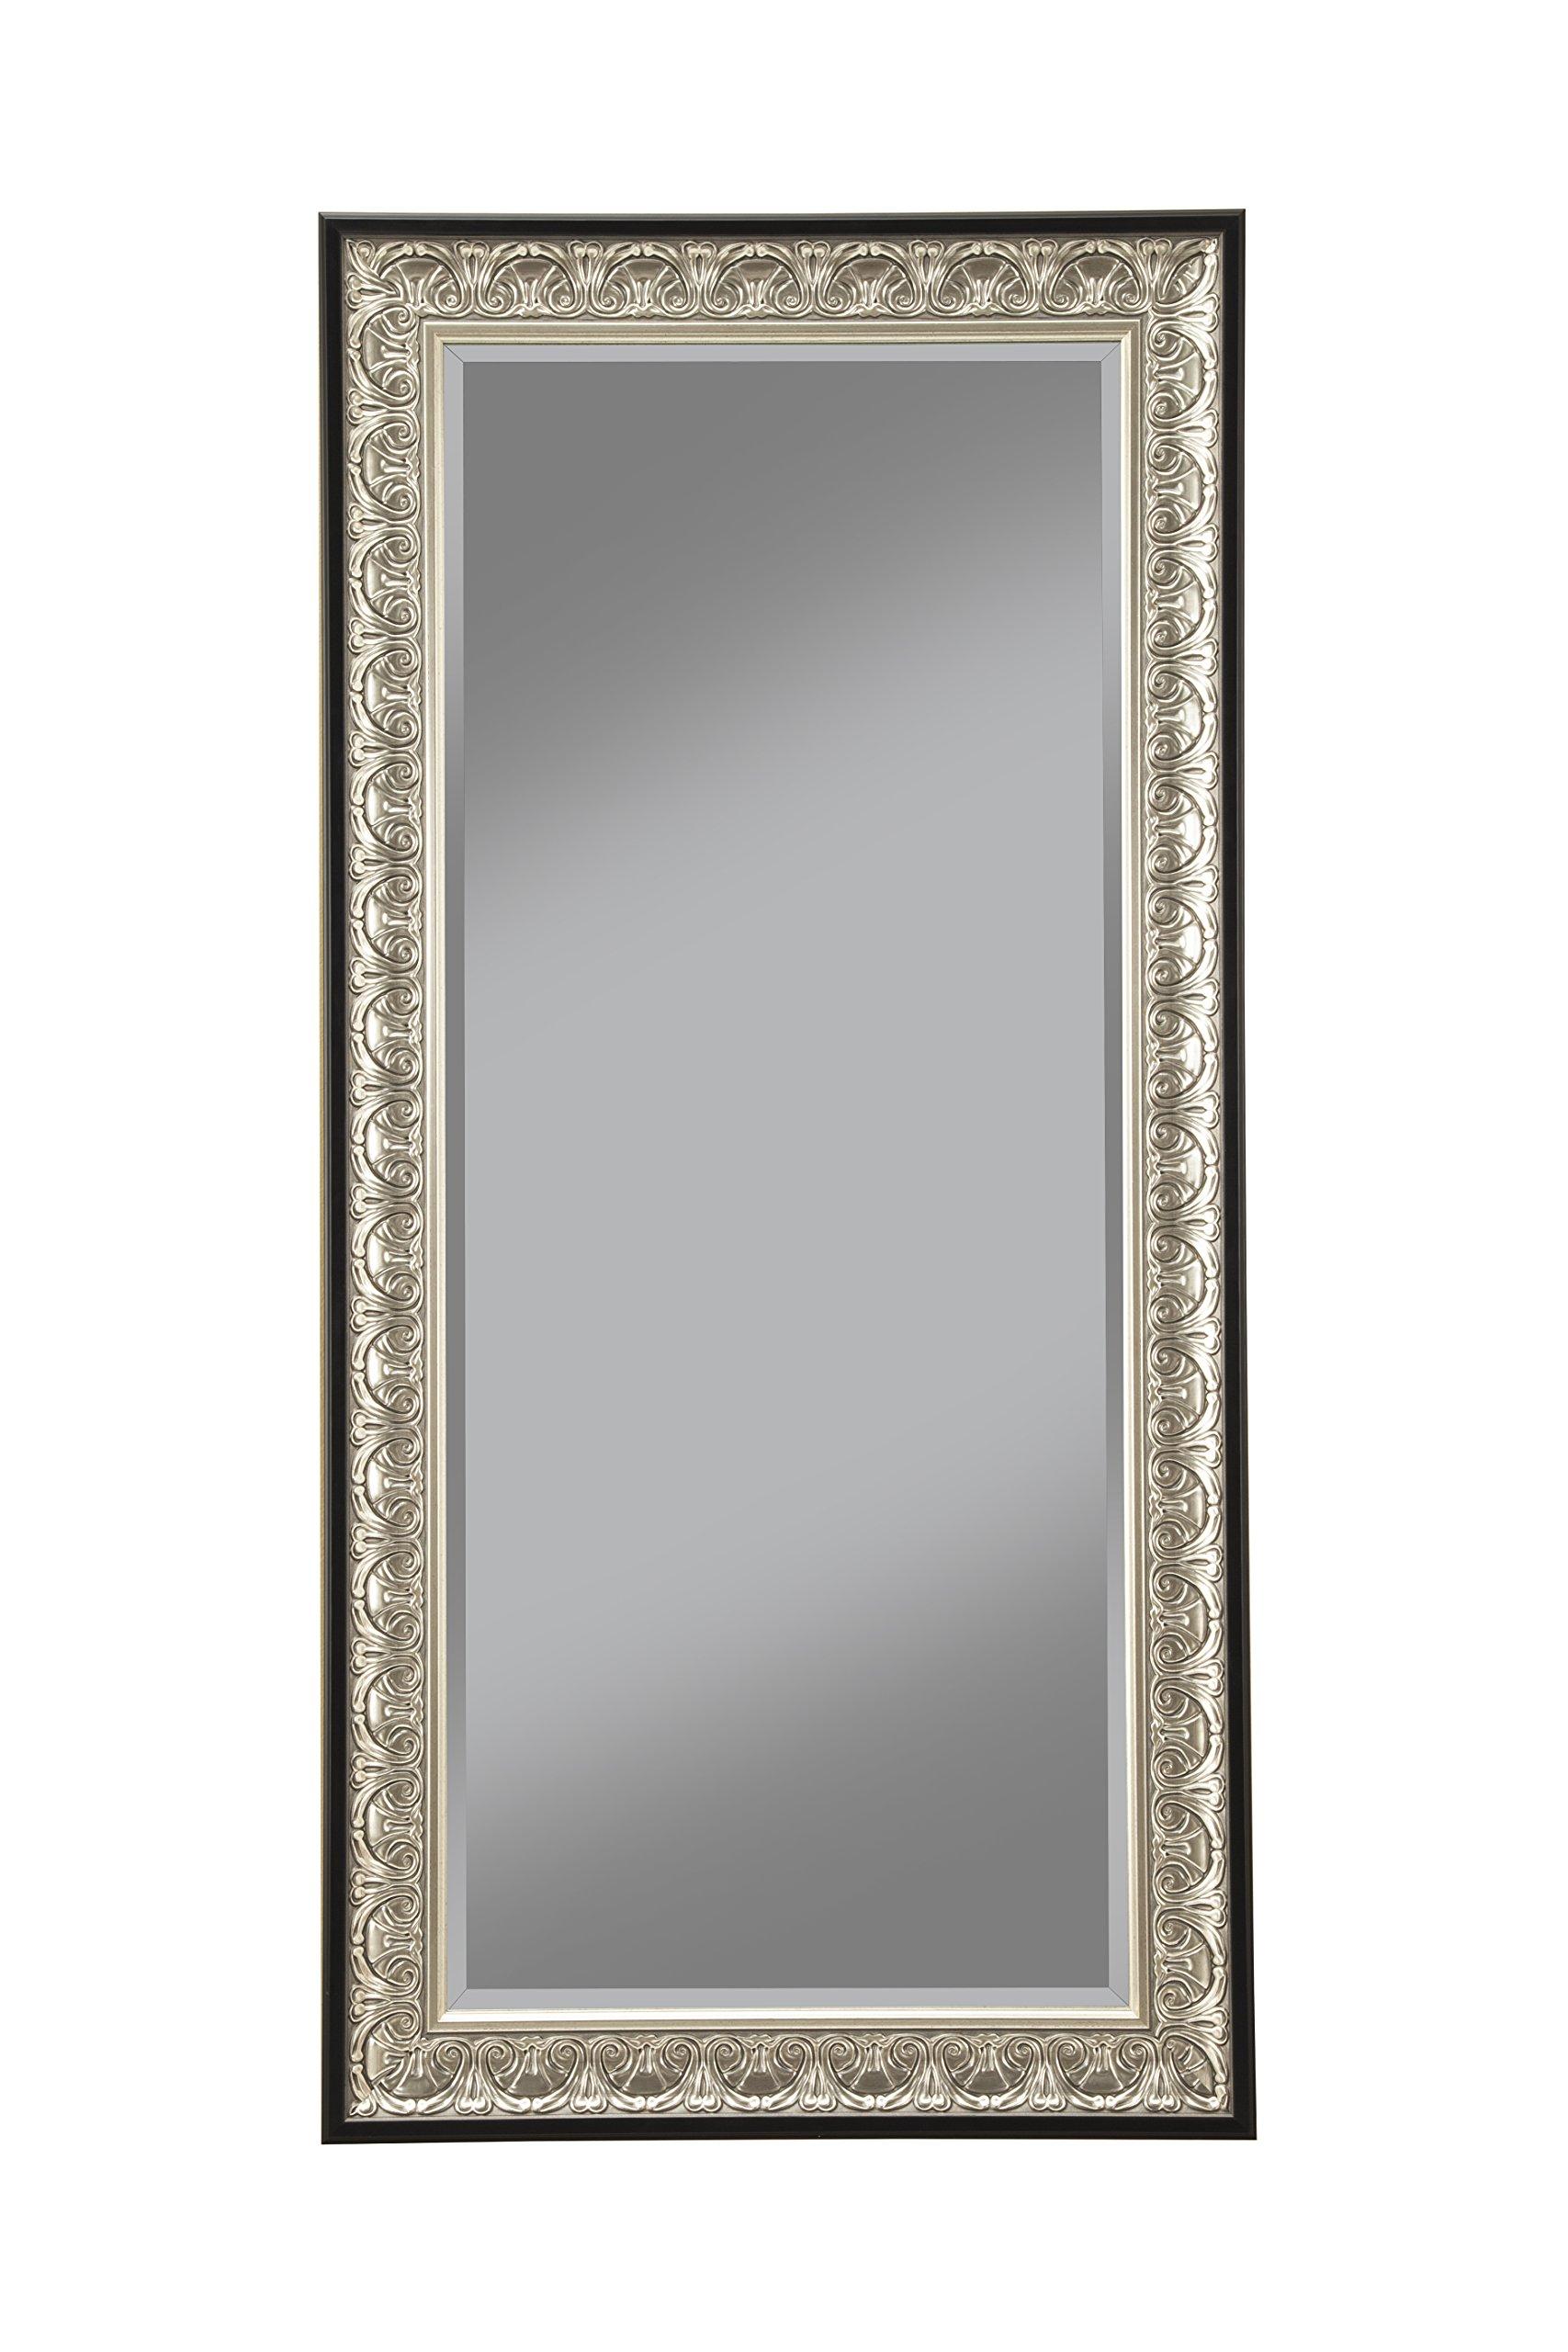 Sandberg Furniture 16011 Full Length Leaner Mirror Frame, Antique Silver/Black